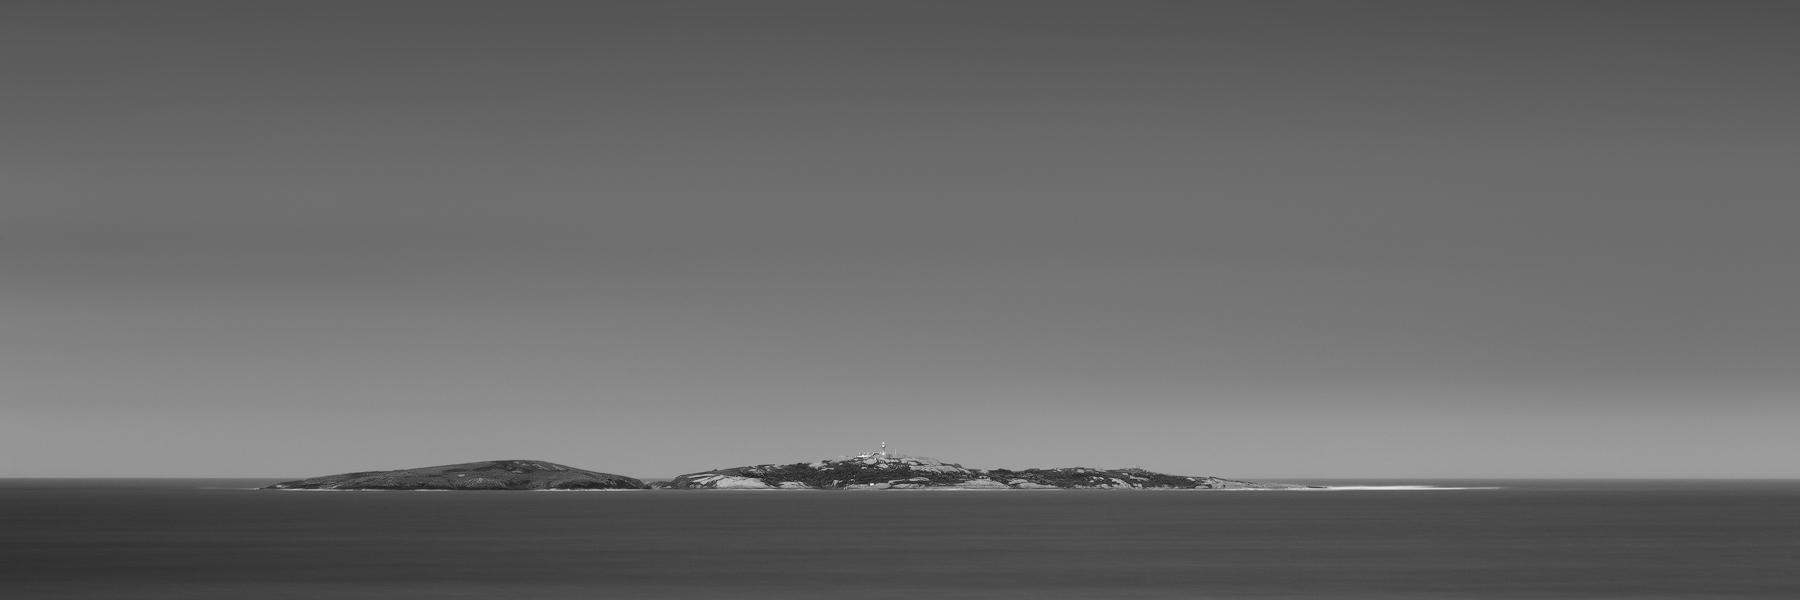 Montague Island - ISO 50, Aperture f/11 , Shutter 6mins